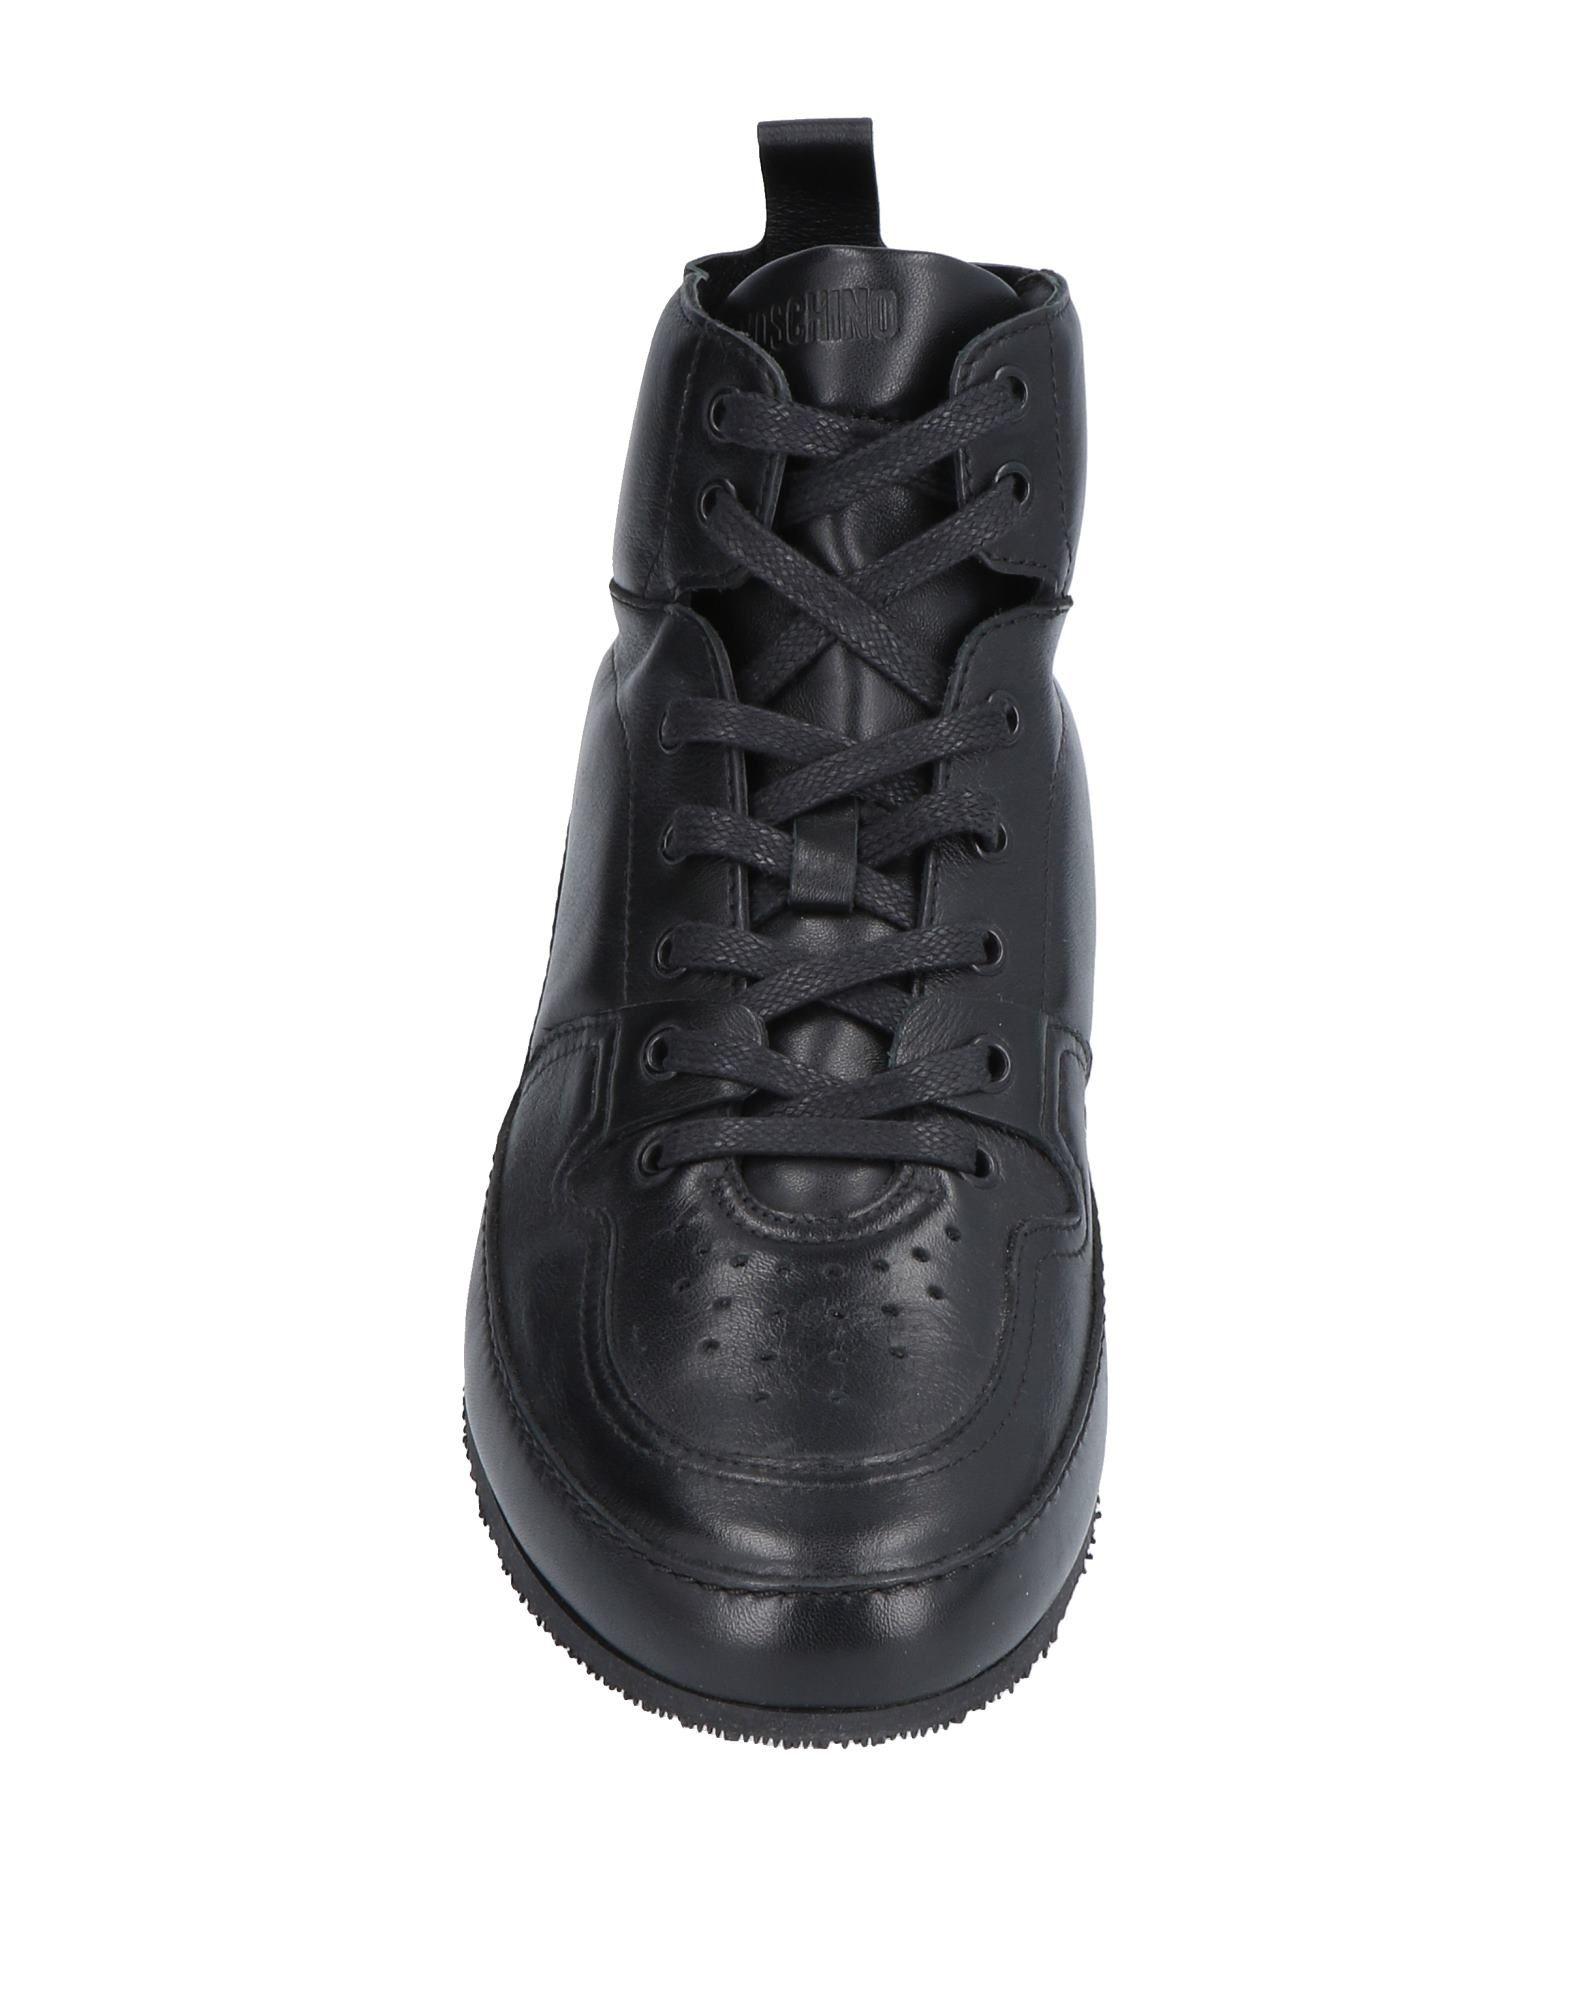 11496179KJ Moschino Sneakers Herren  11496179KJ  17b99c